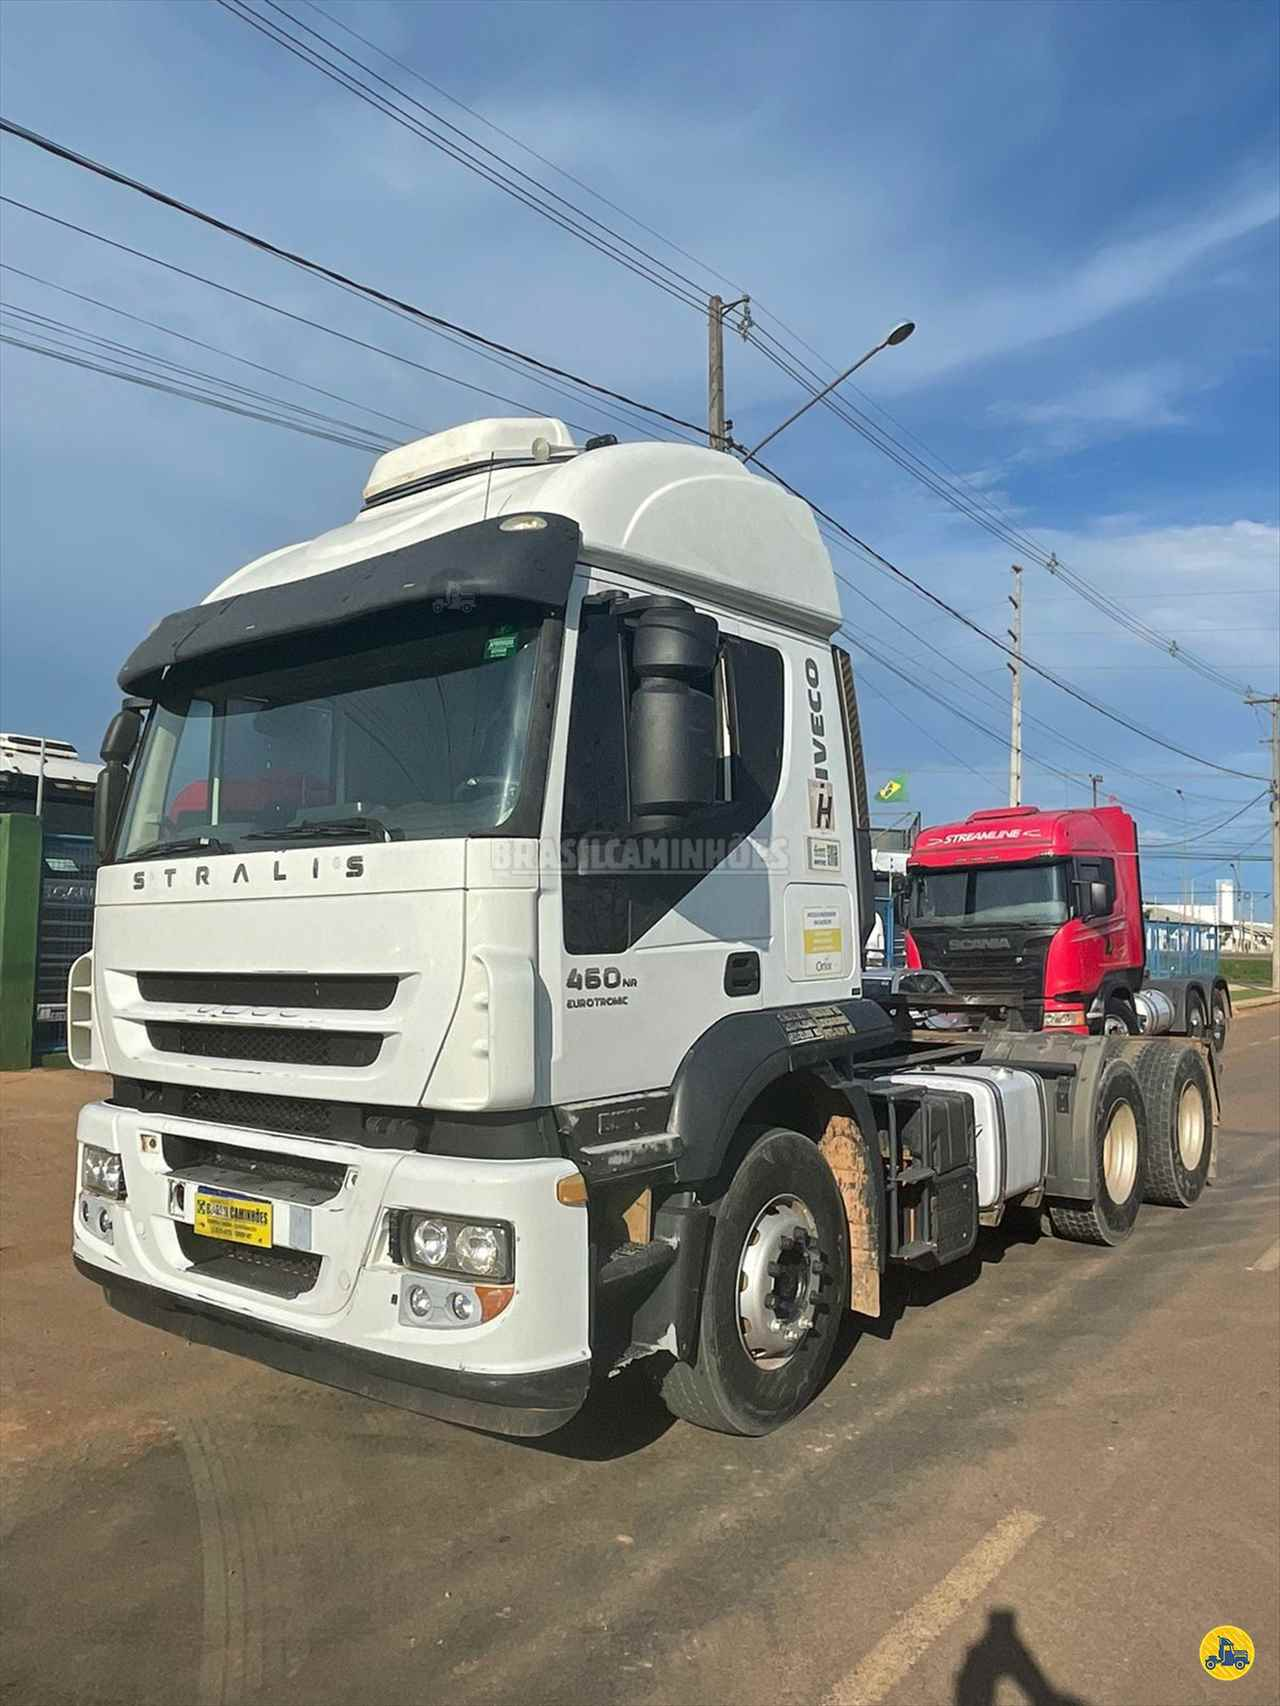 STRALIS 460 de Brasil Caminhões Sinop - SINOP/MT